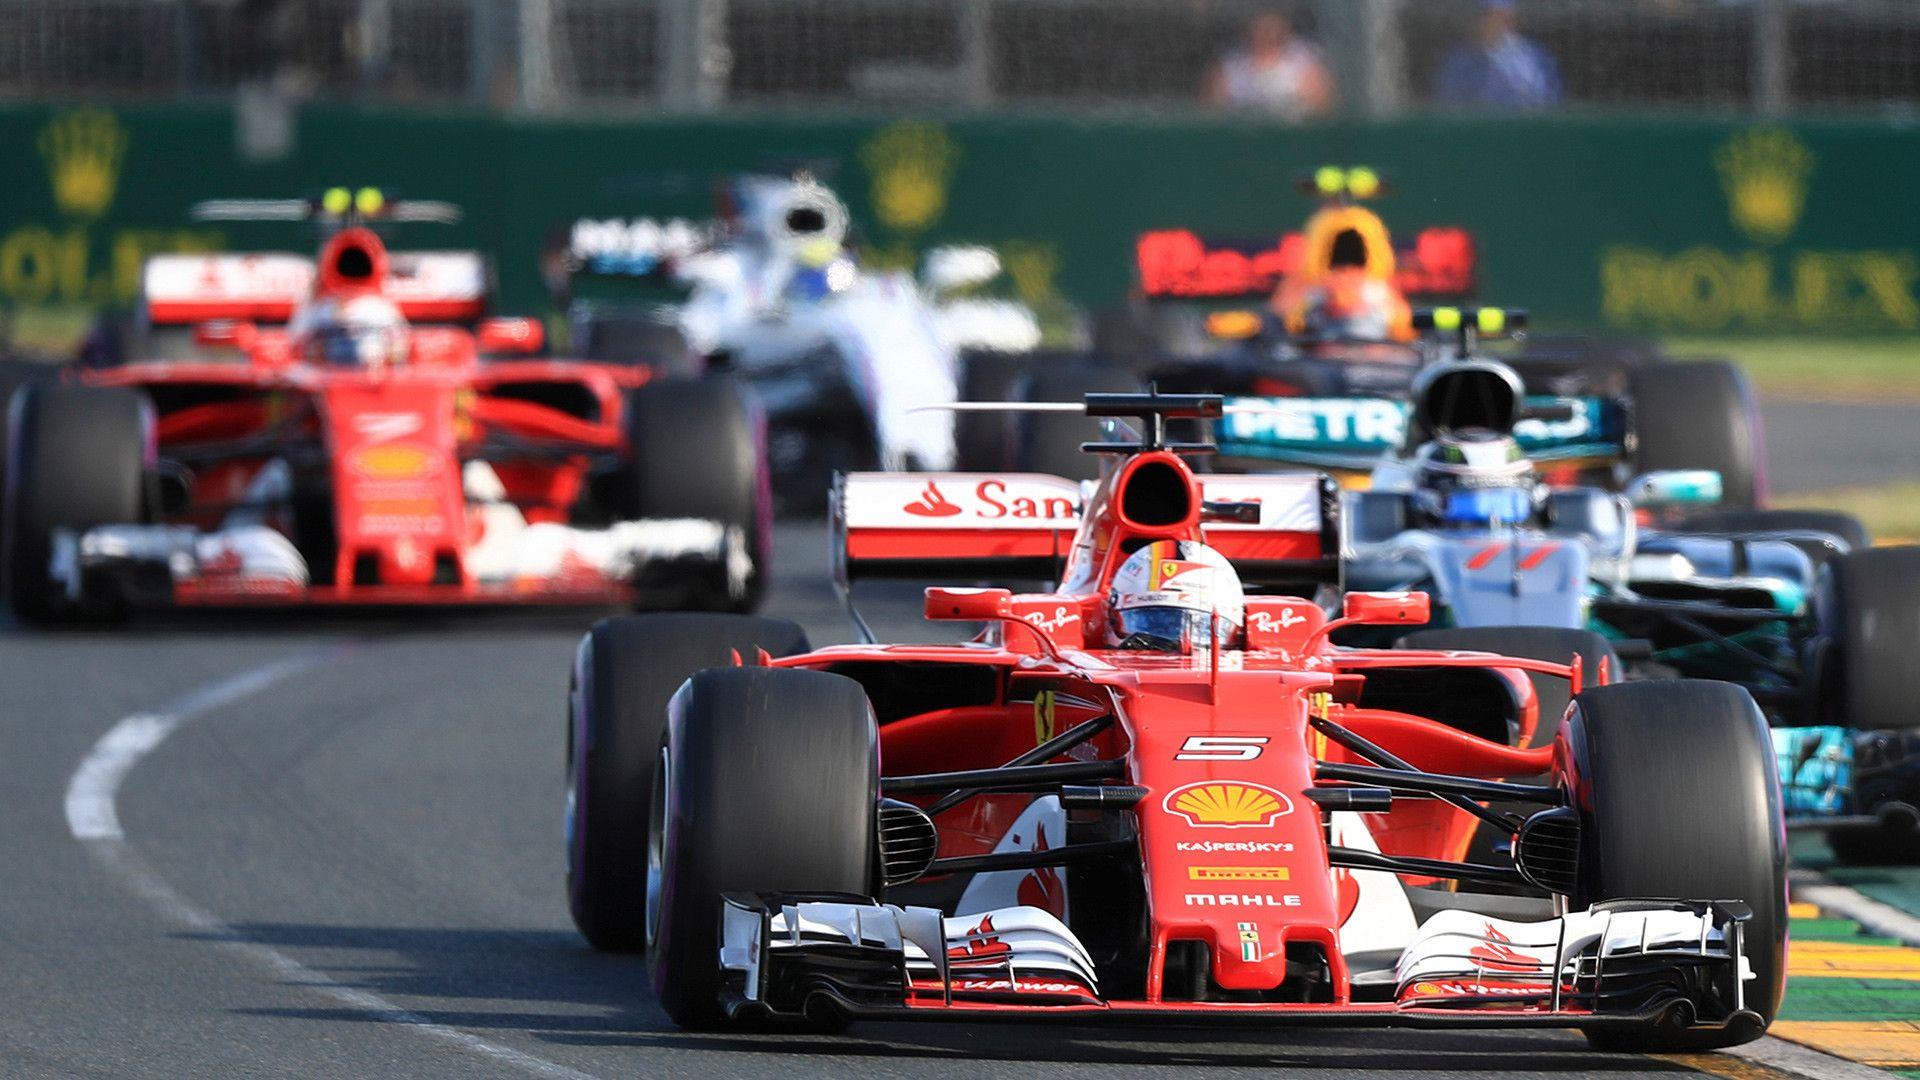 ¿Por qué Netflix no va a transmitir la Fórmula 1 u otros eventos deportivos?